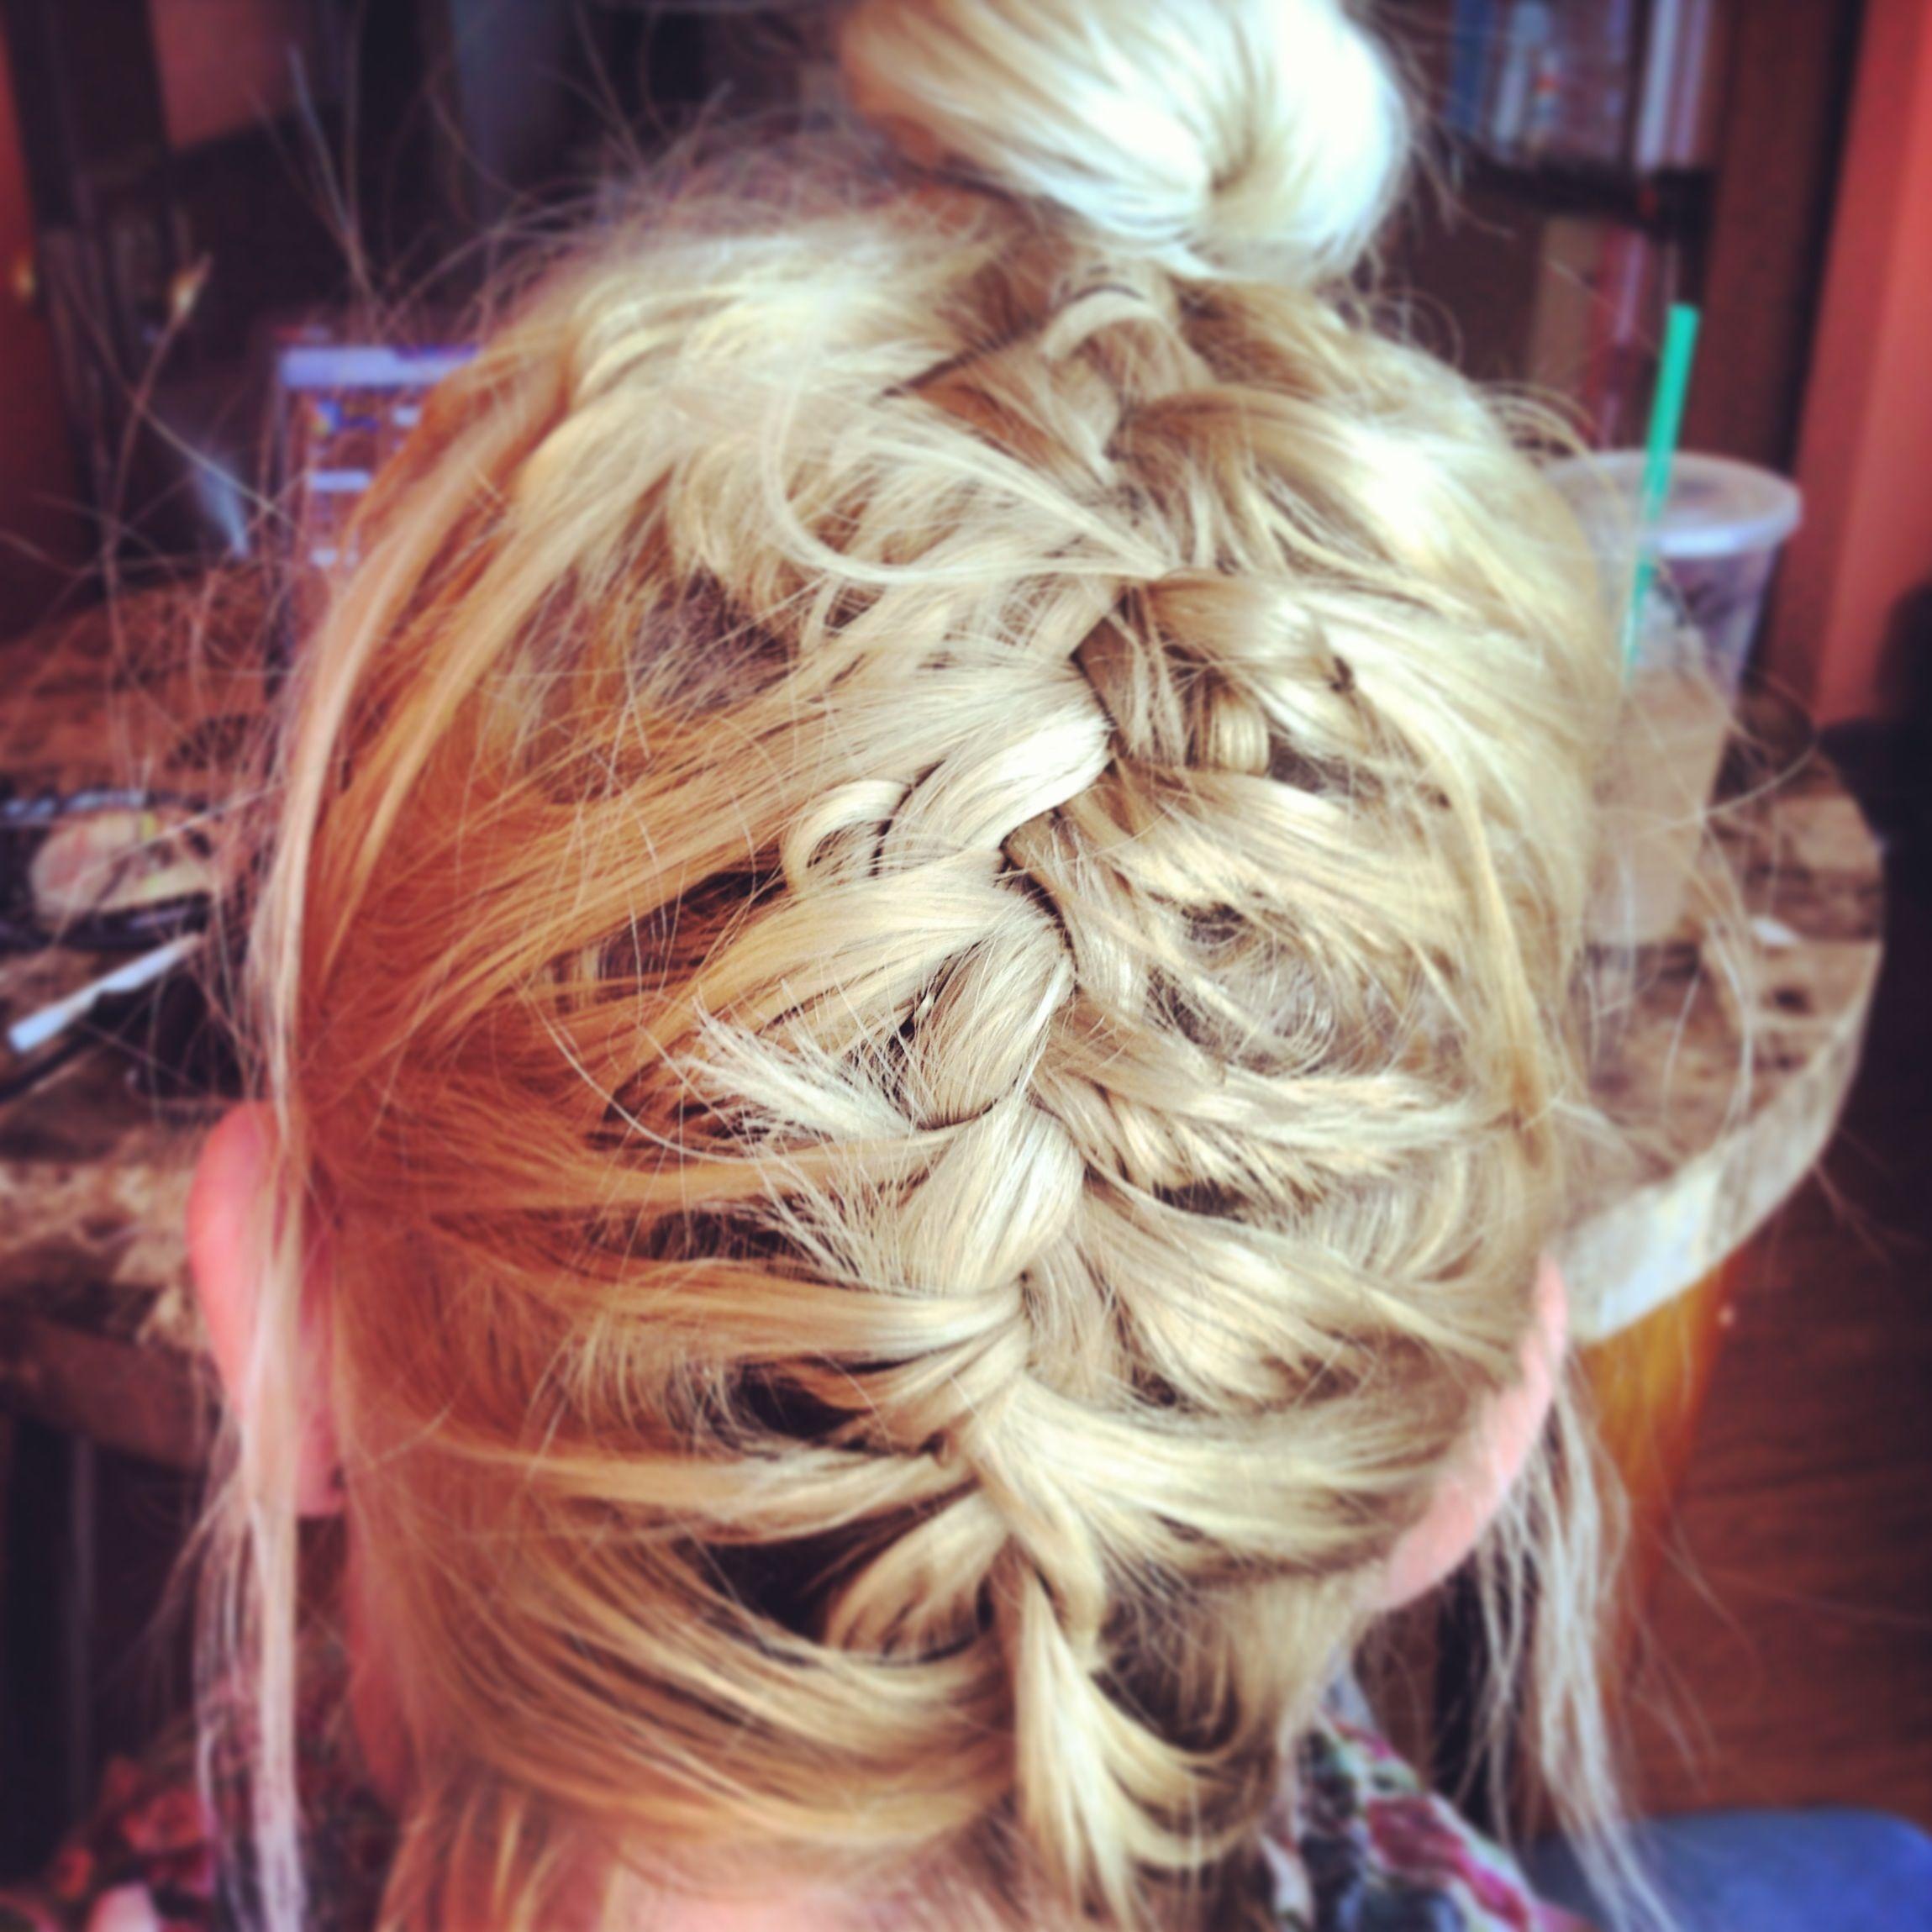 Upside Down French Braid And A High Bun Blonde Hair FridayFun Do - Bun hairstyle games